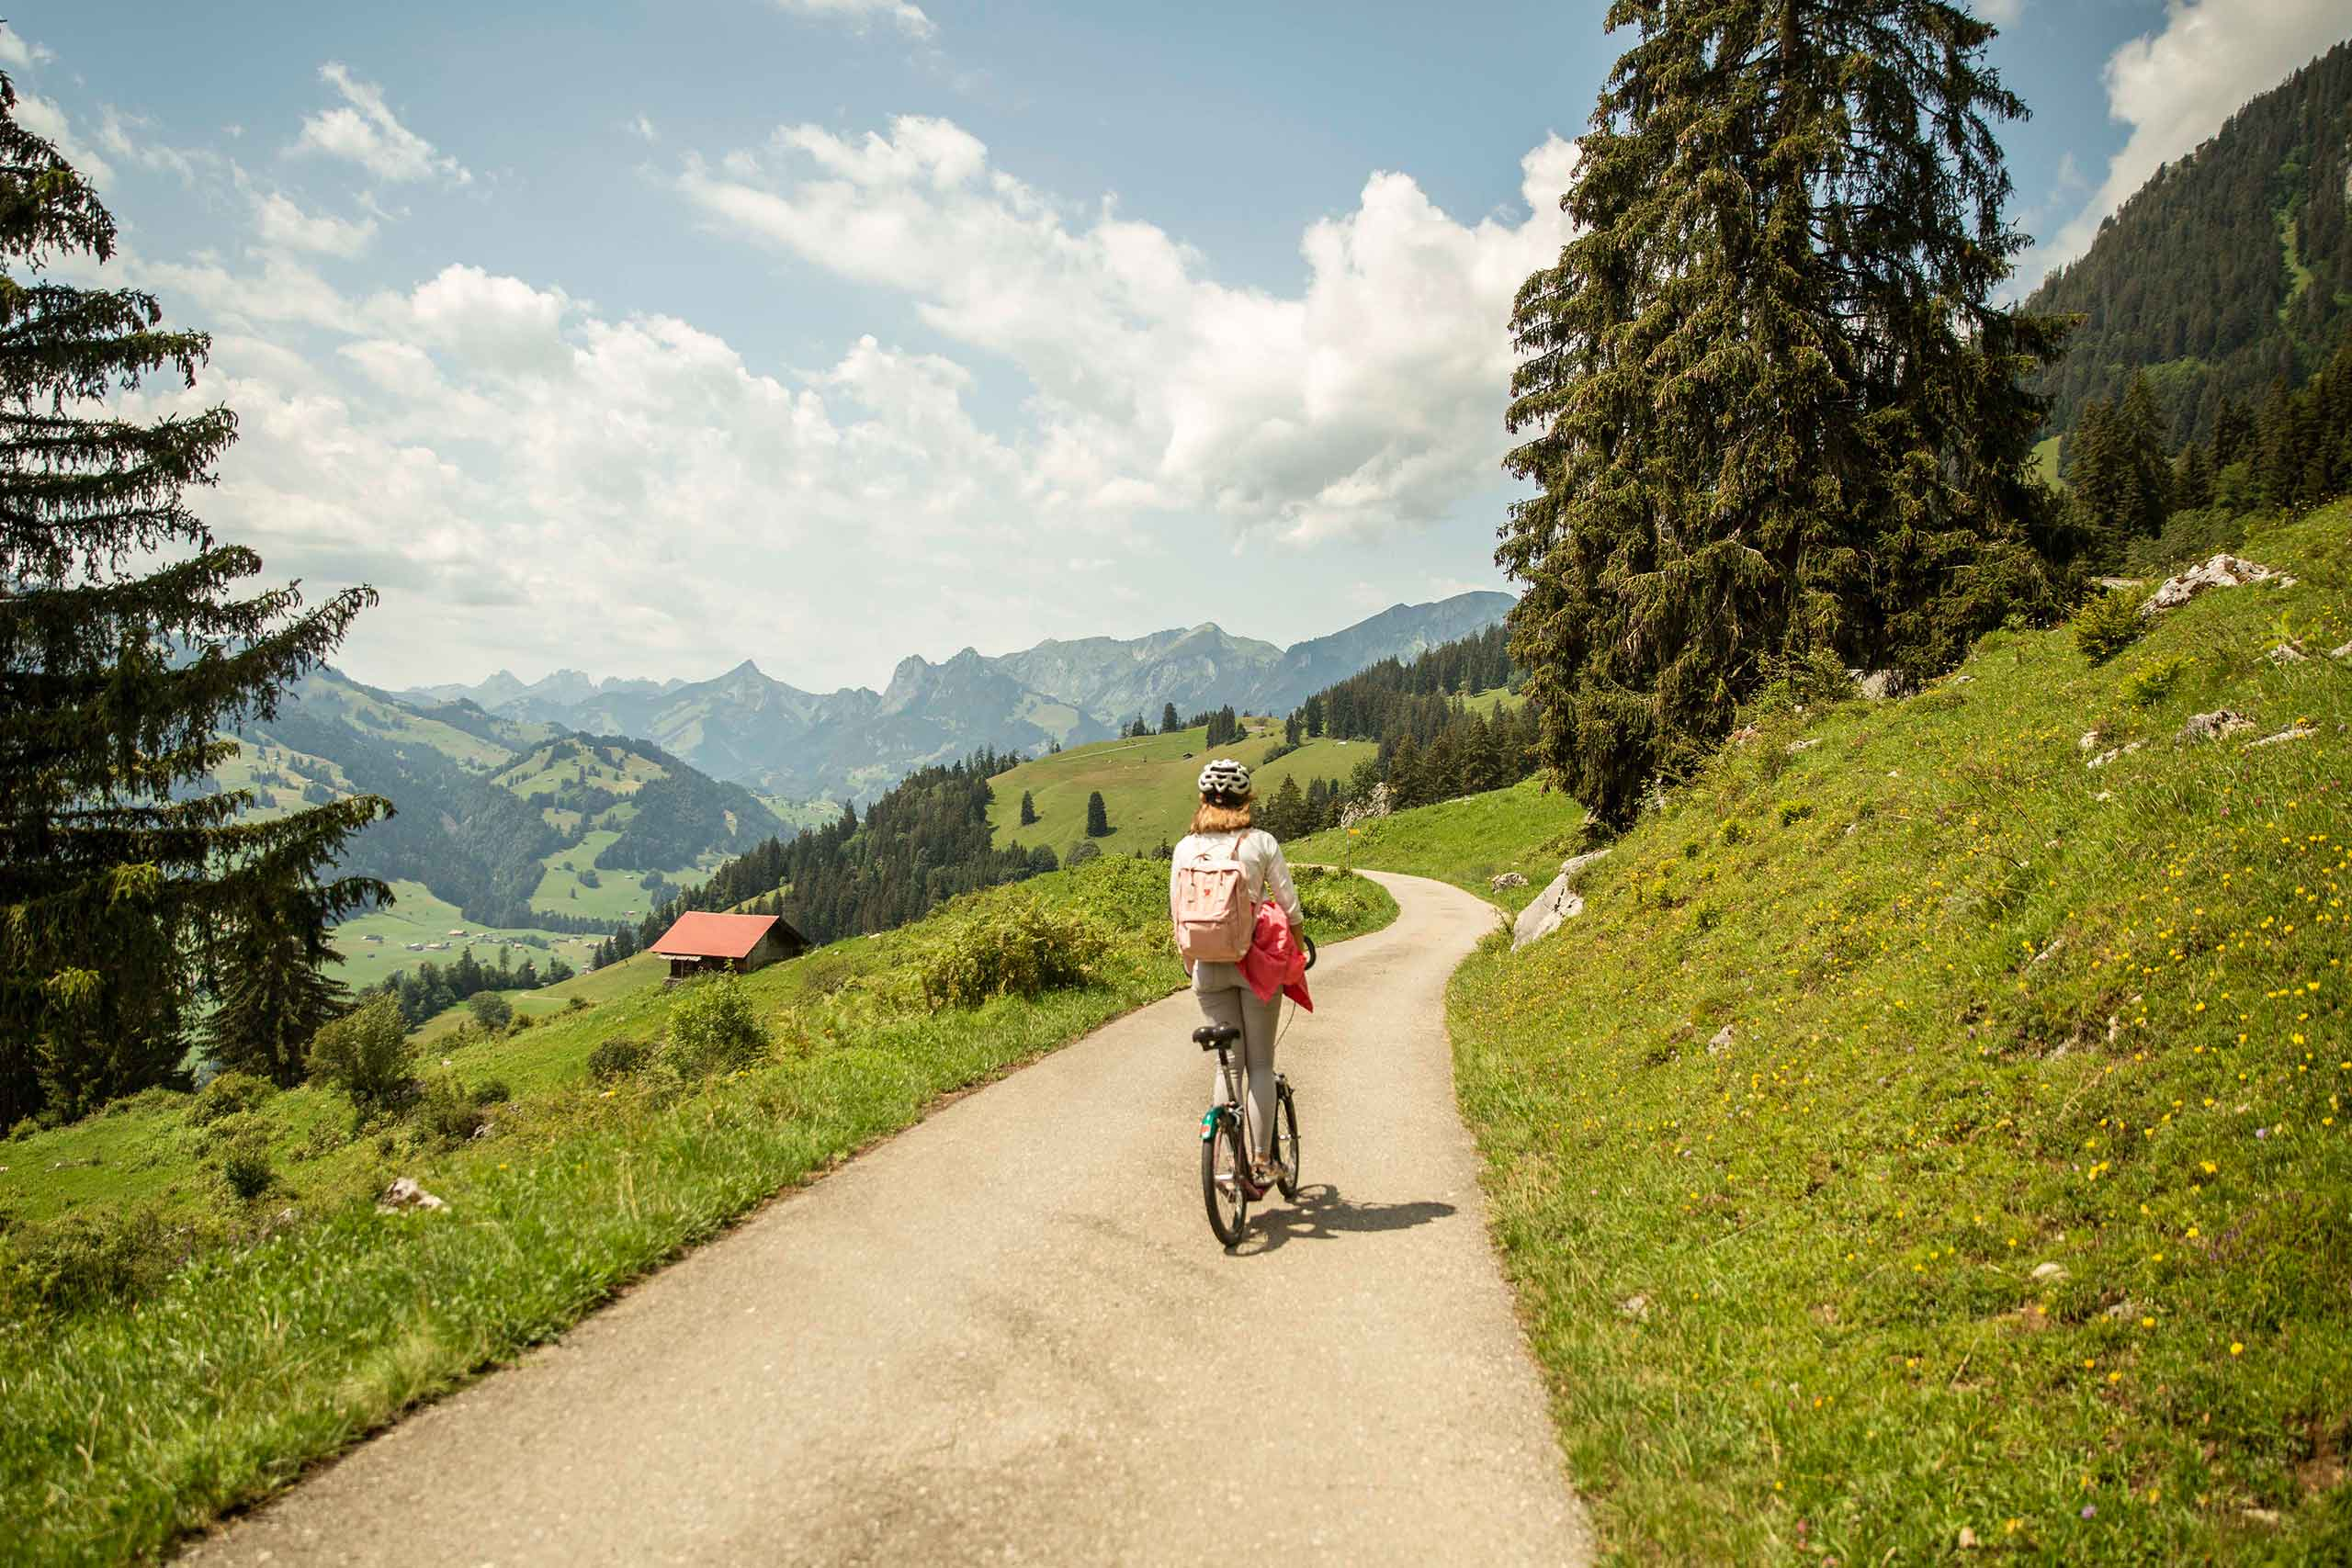 stockhorn-trotti-bike-talfahrt-aussicht-simmental-sommer-landschaft.jpg